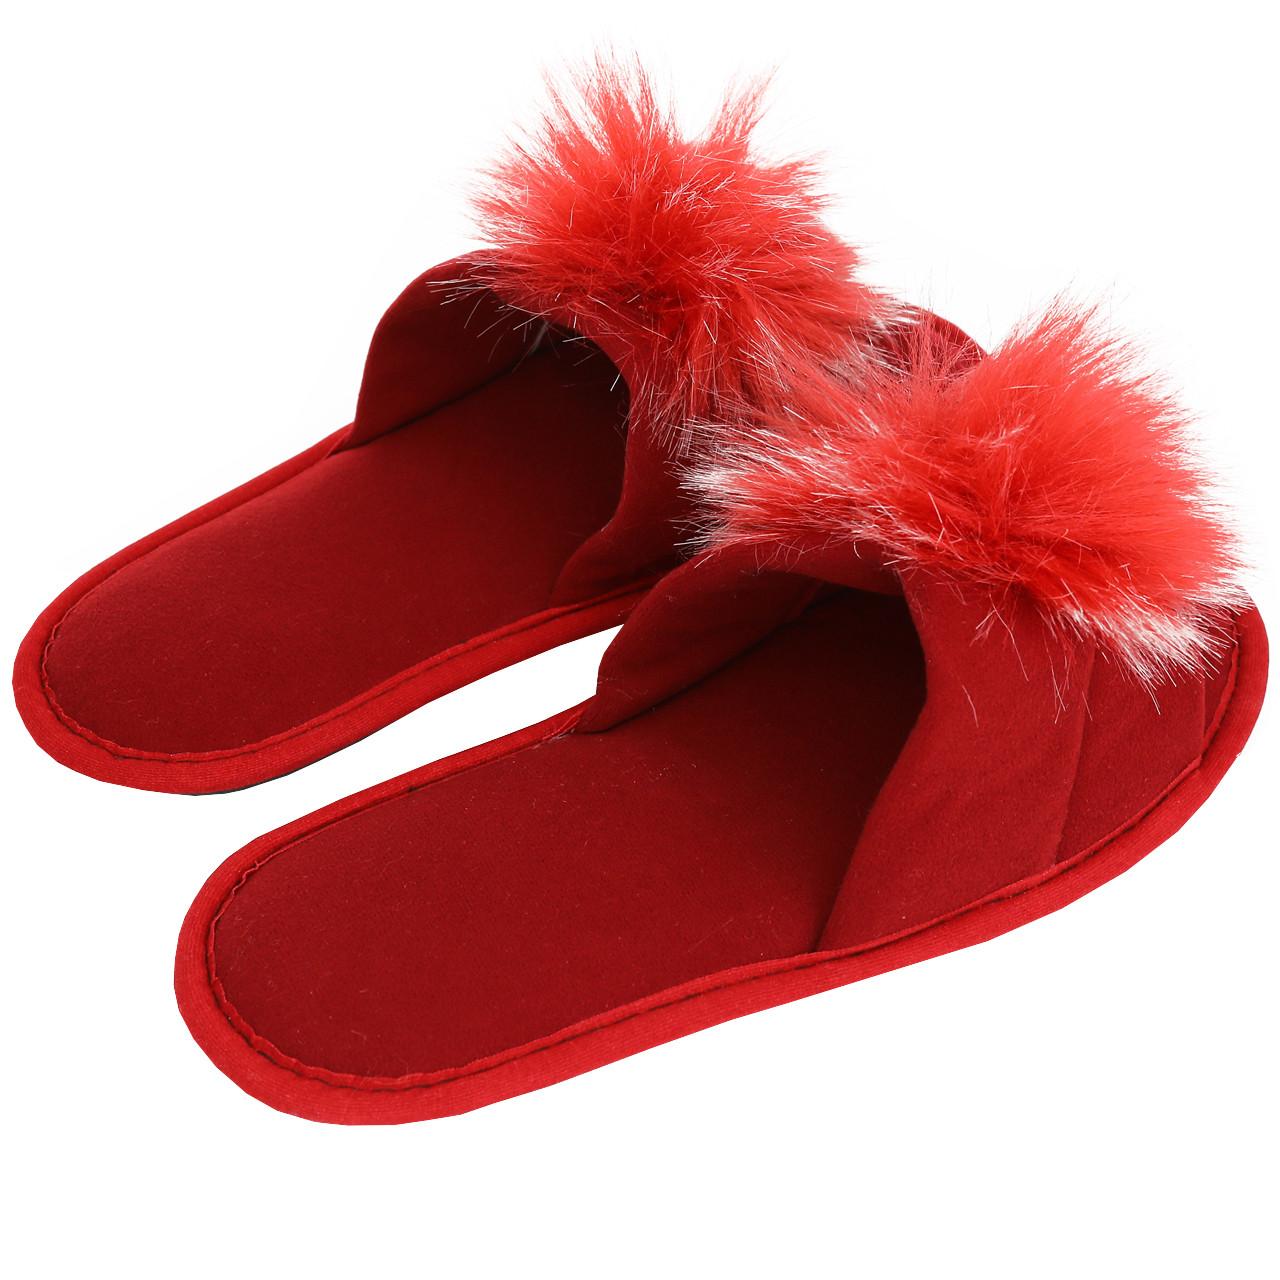 Тапочки женские меховые красные на мягкой подошве для дома стильные утепленные р.37-40